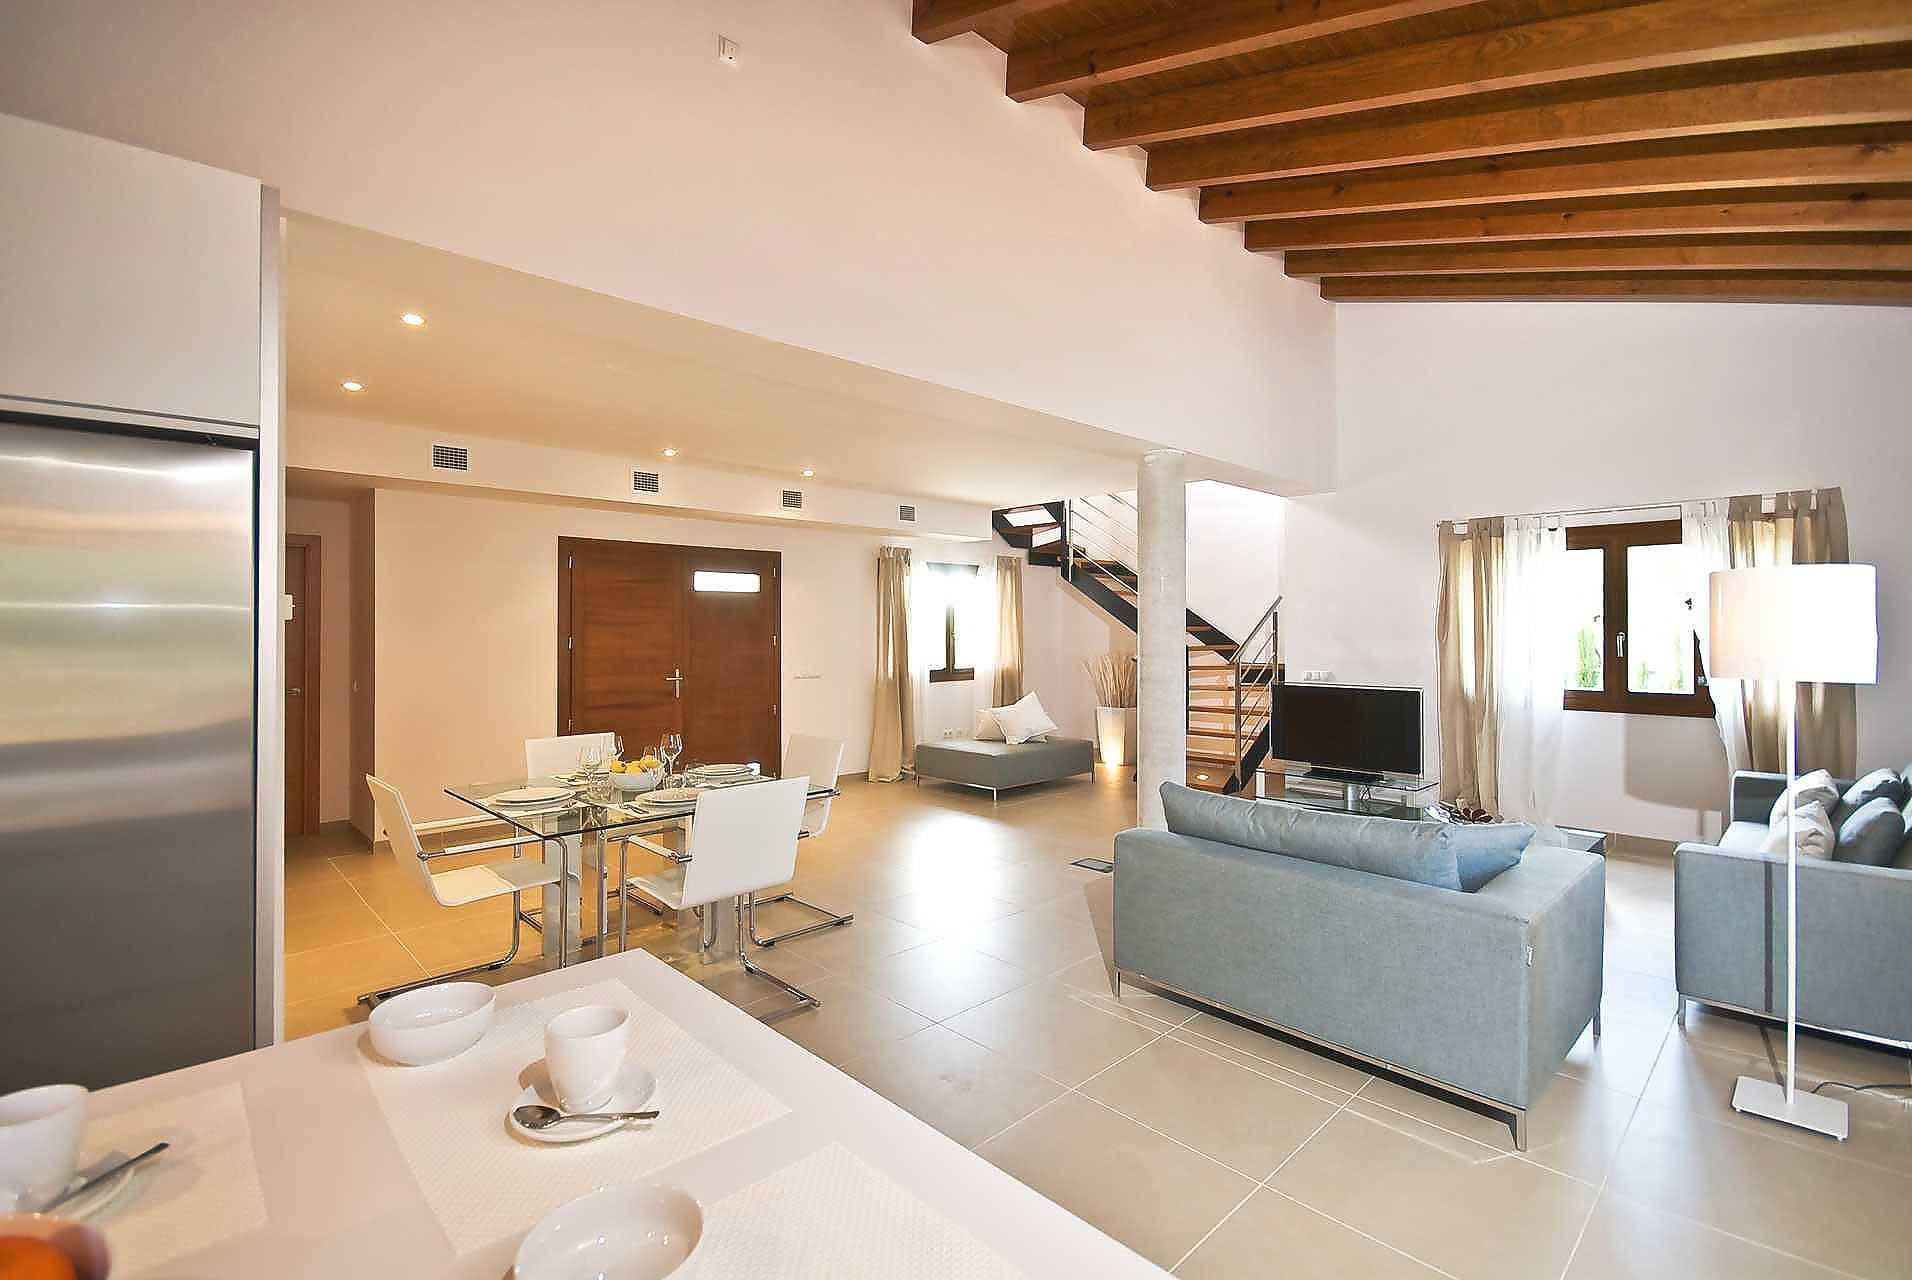 01-79 Design Finca Mallorca North Bild 17